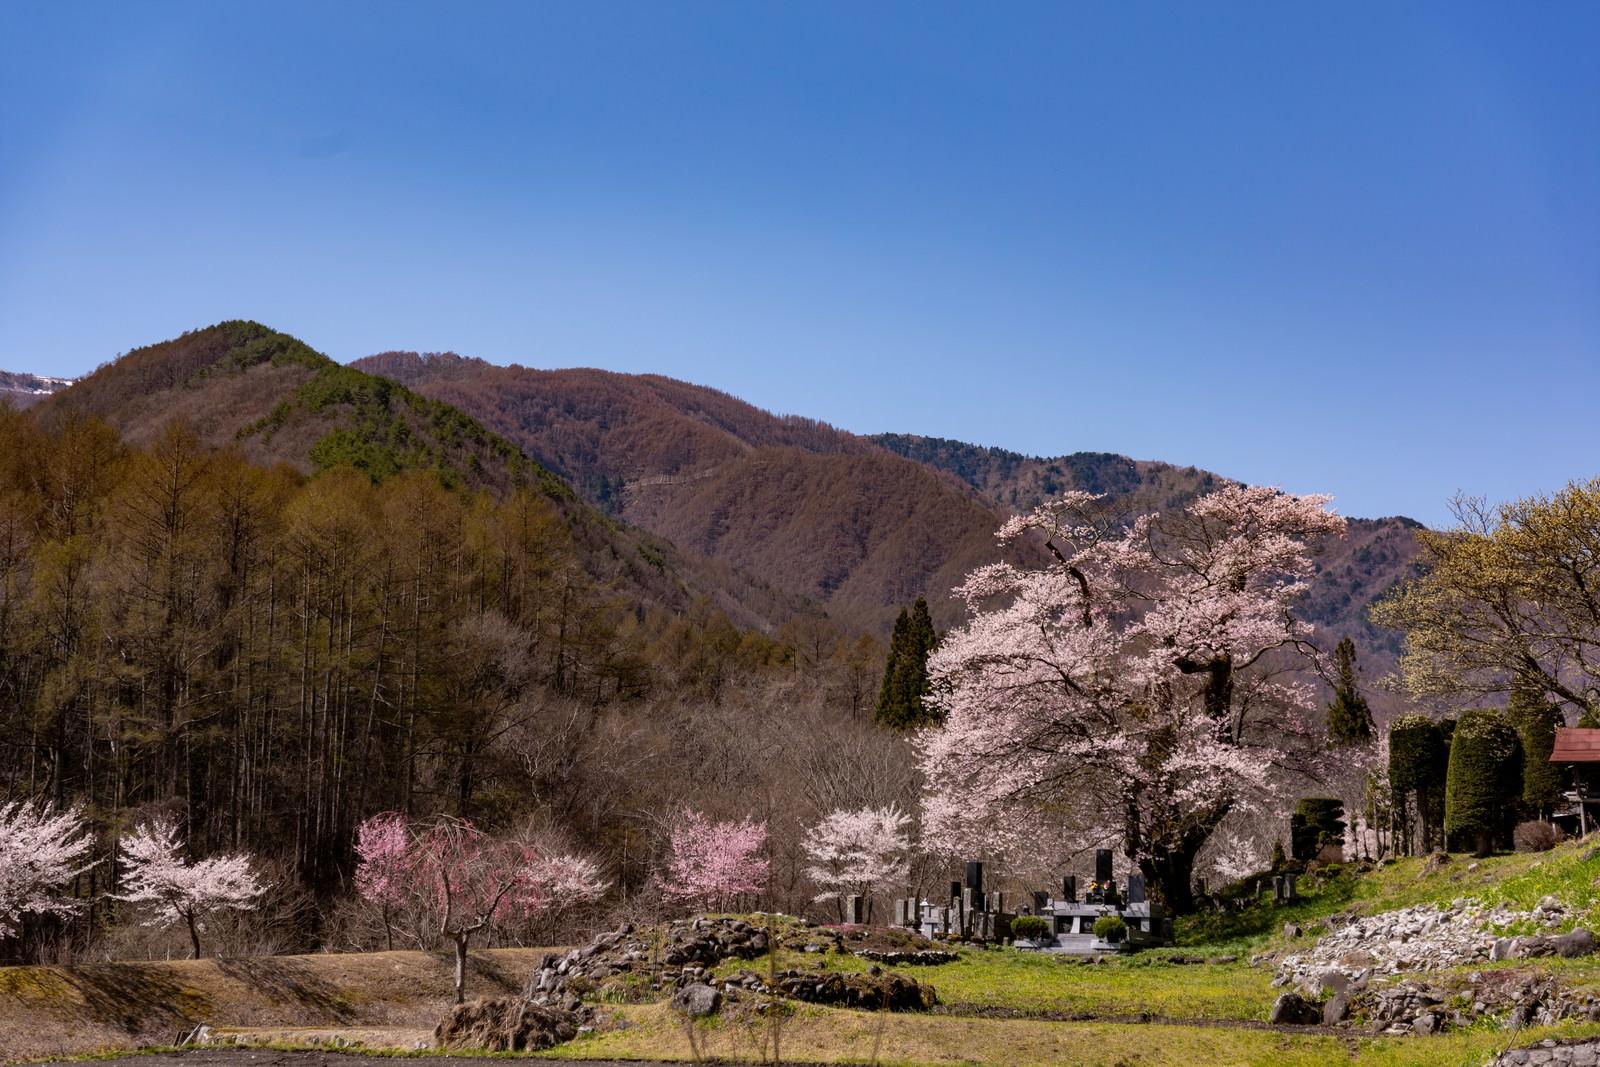 「山の麓に咲く大布施のヒガンザクラ」の写真